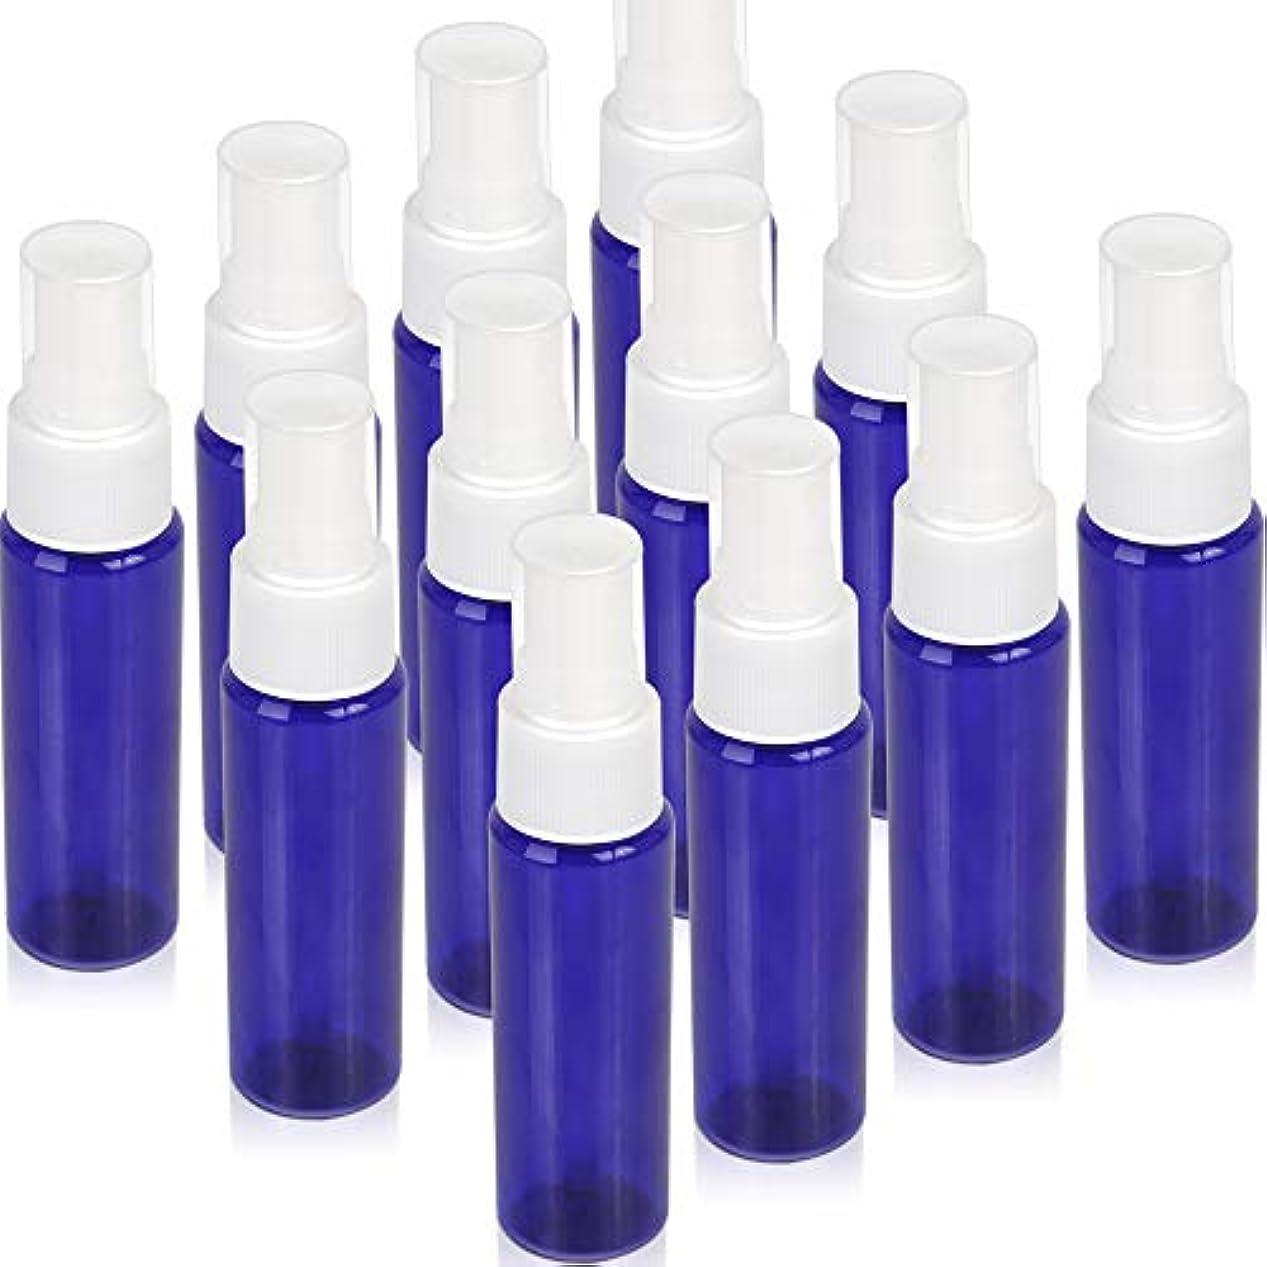 長方形病気だと思う微生物Teenitor スプレーボトル 30ml 遮光 12本 遮光瓶スプレー スプレー容器 青色 アロマスプレー 香水スプレー 霧吹き アトマイザー 詰め替え容器 キャップ付 PET製